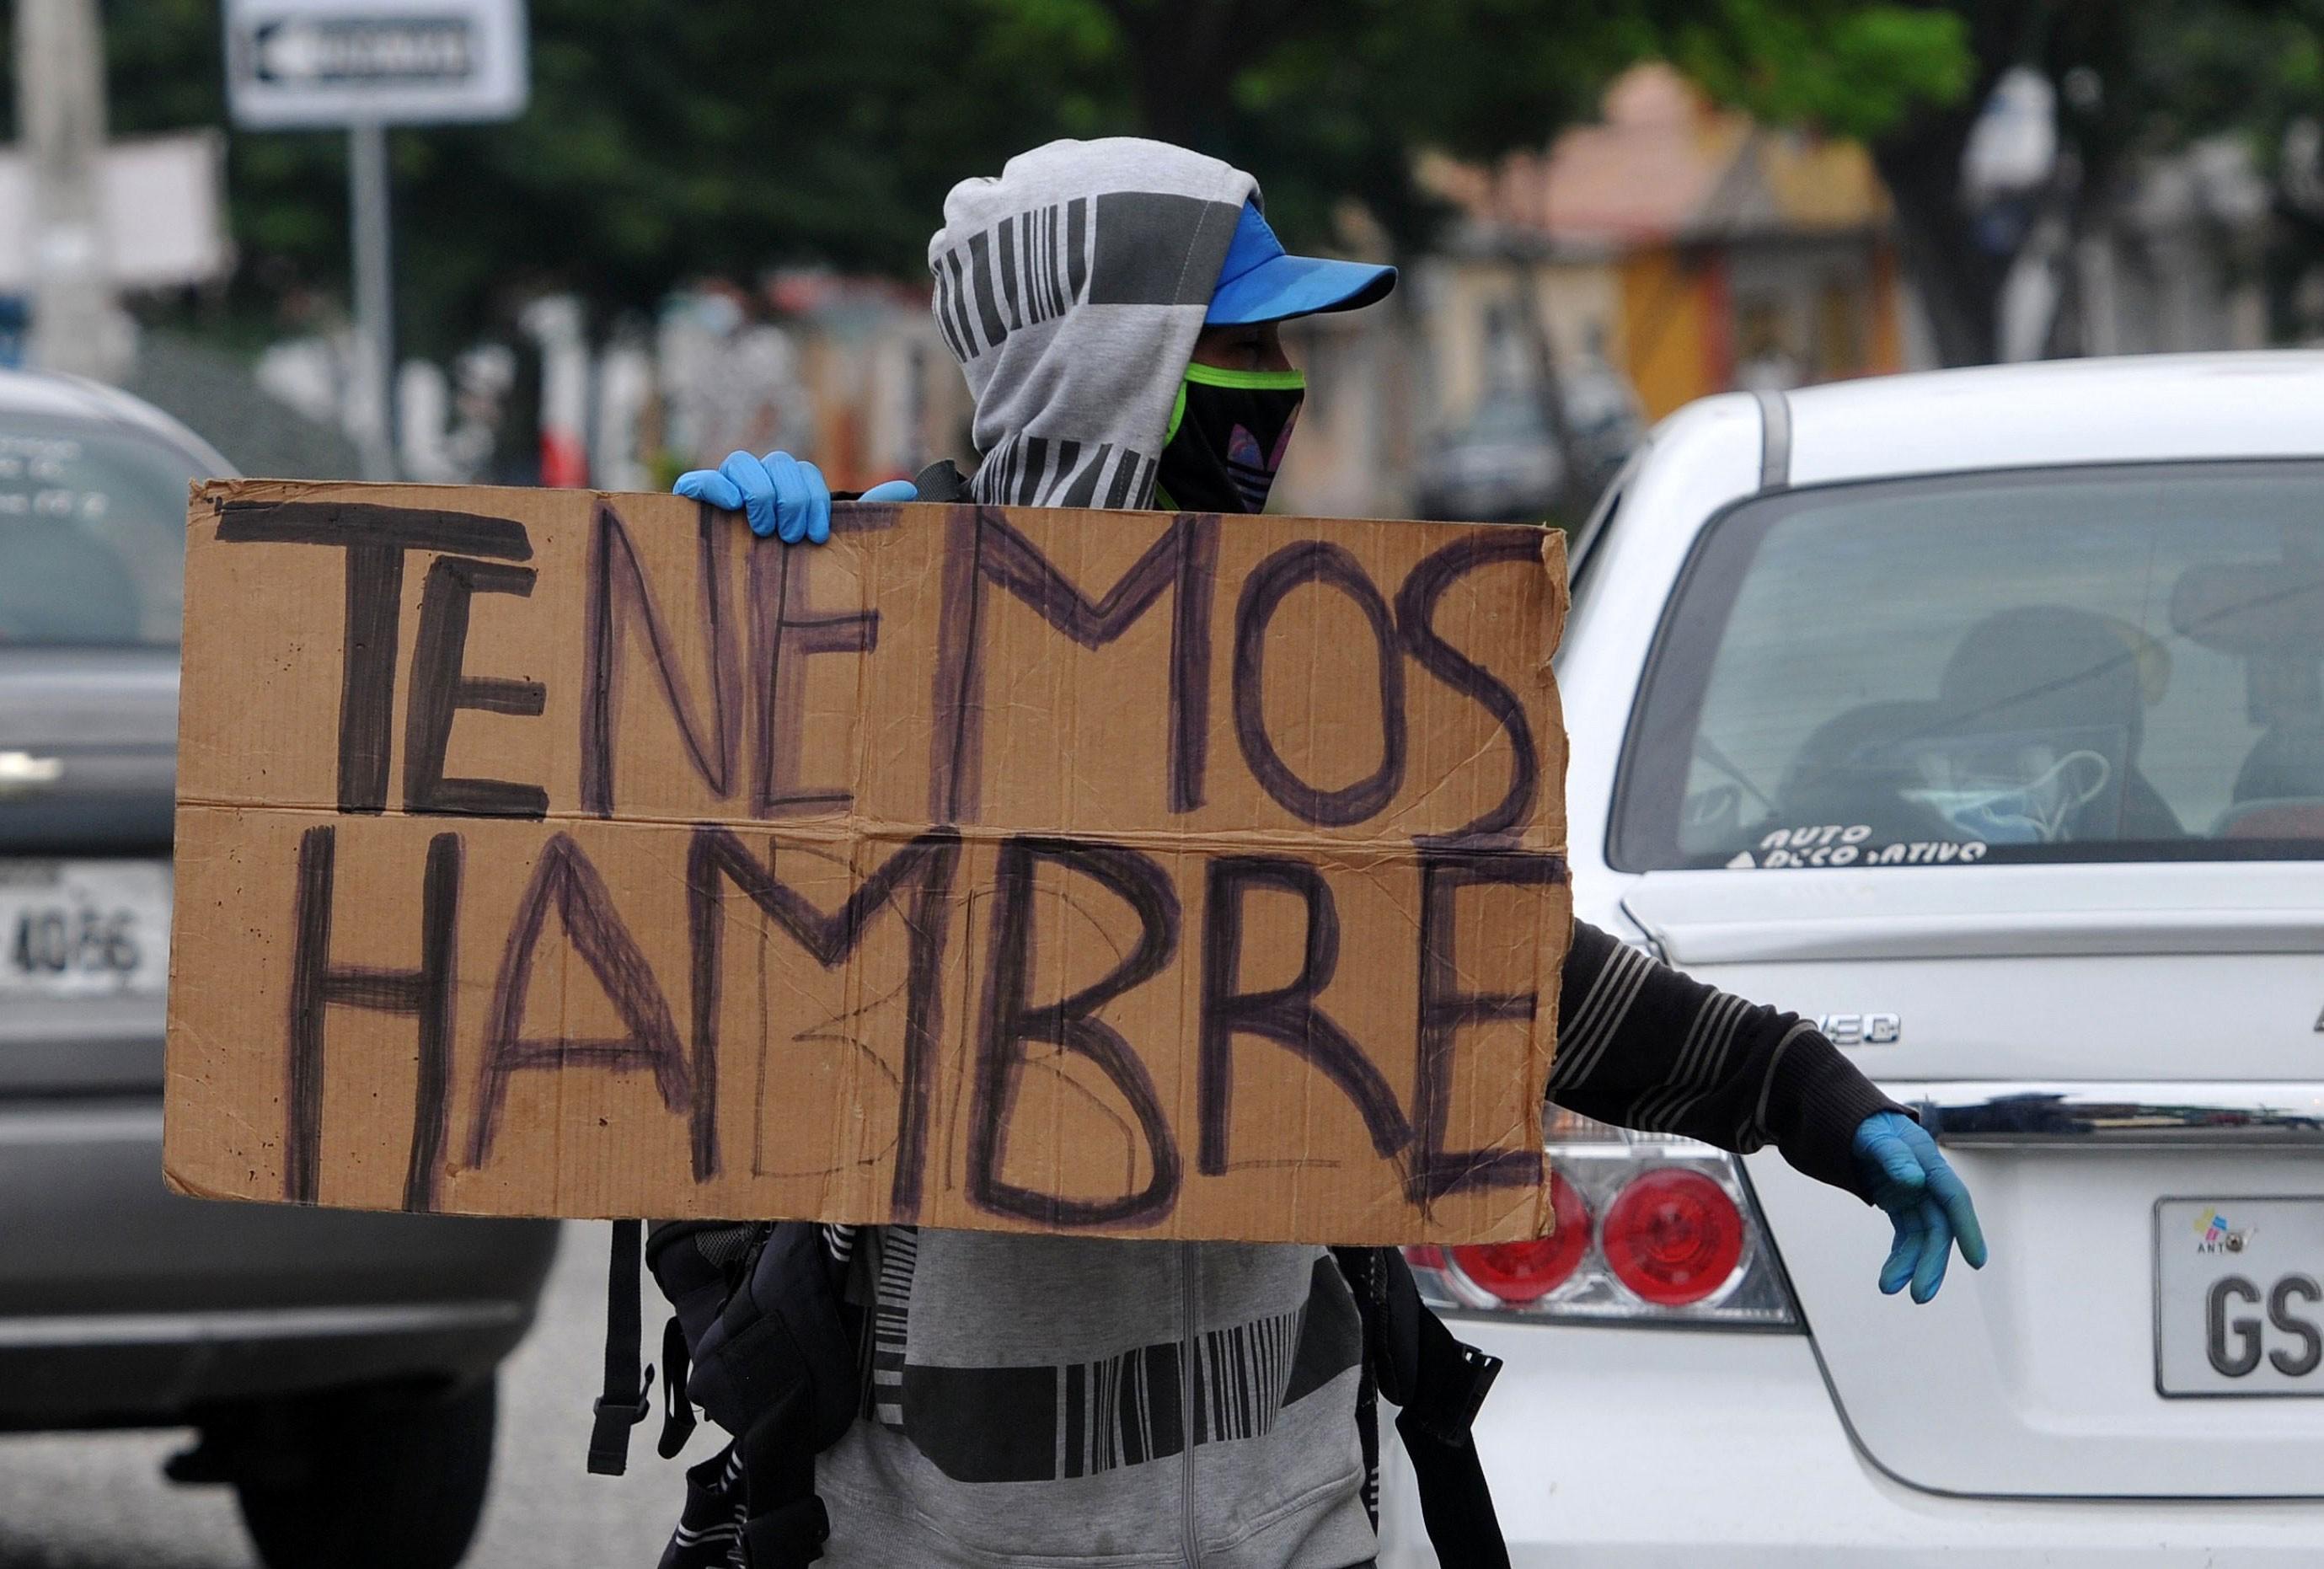 Brasileira que mora no Equador relata impacto da pandemia: 'Vi crianças pegando comida no lixo de minha casa'